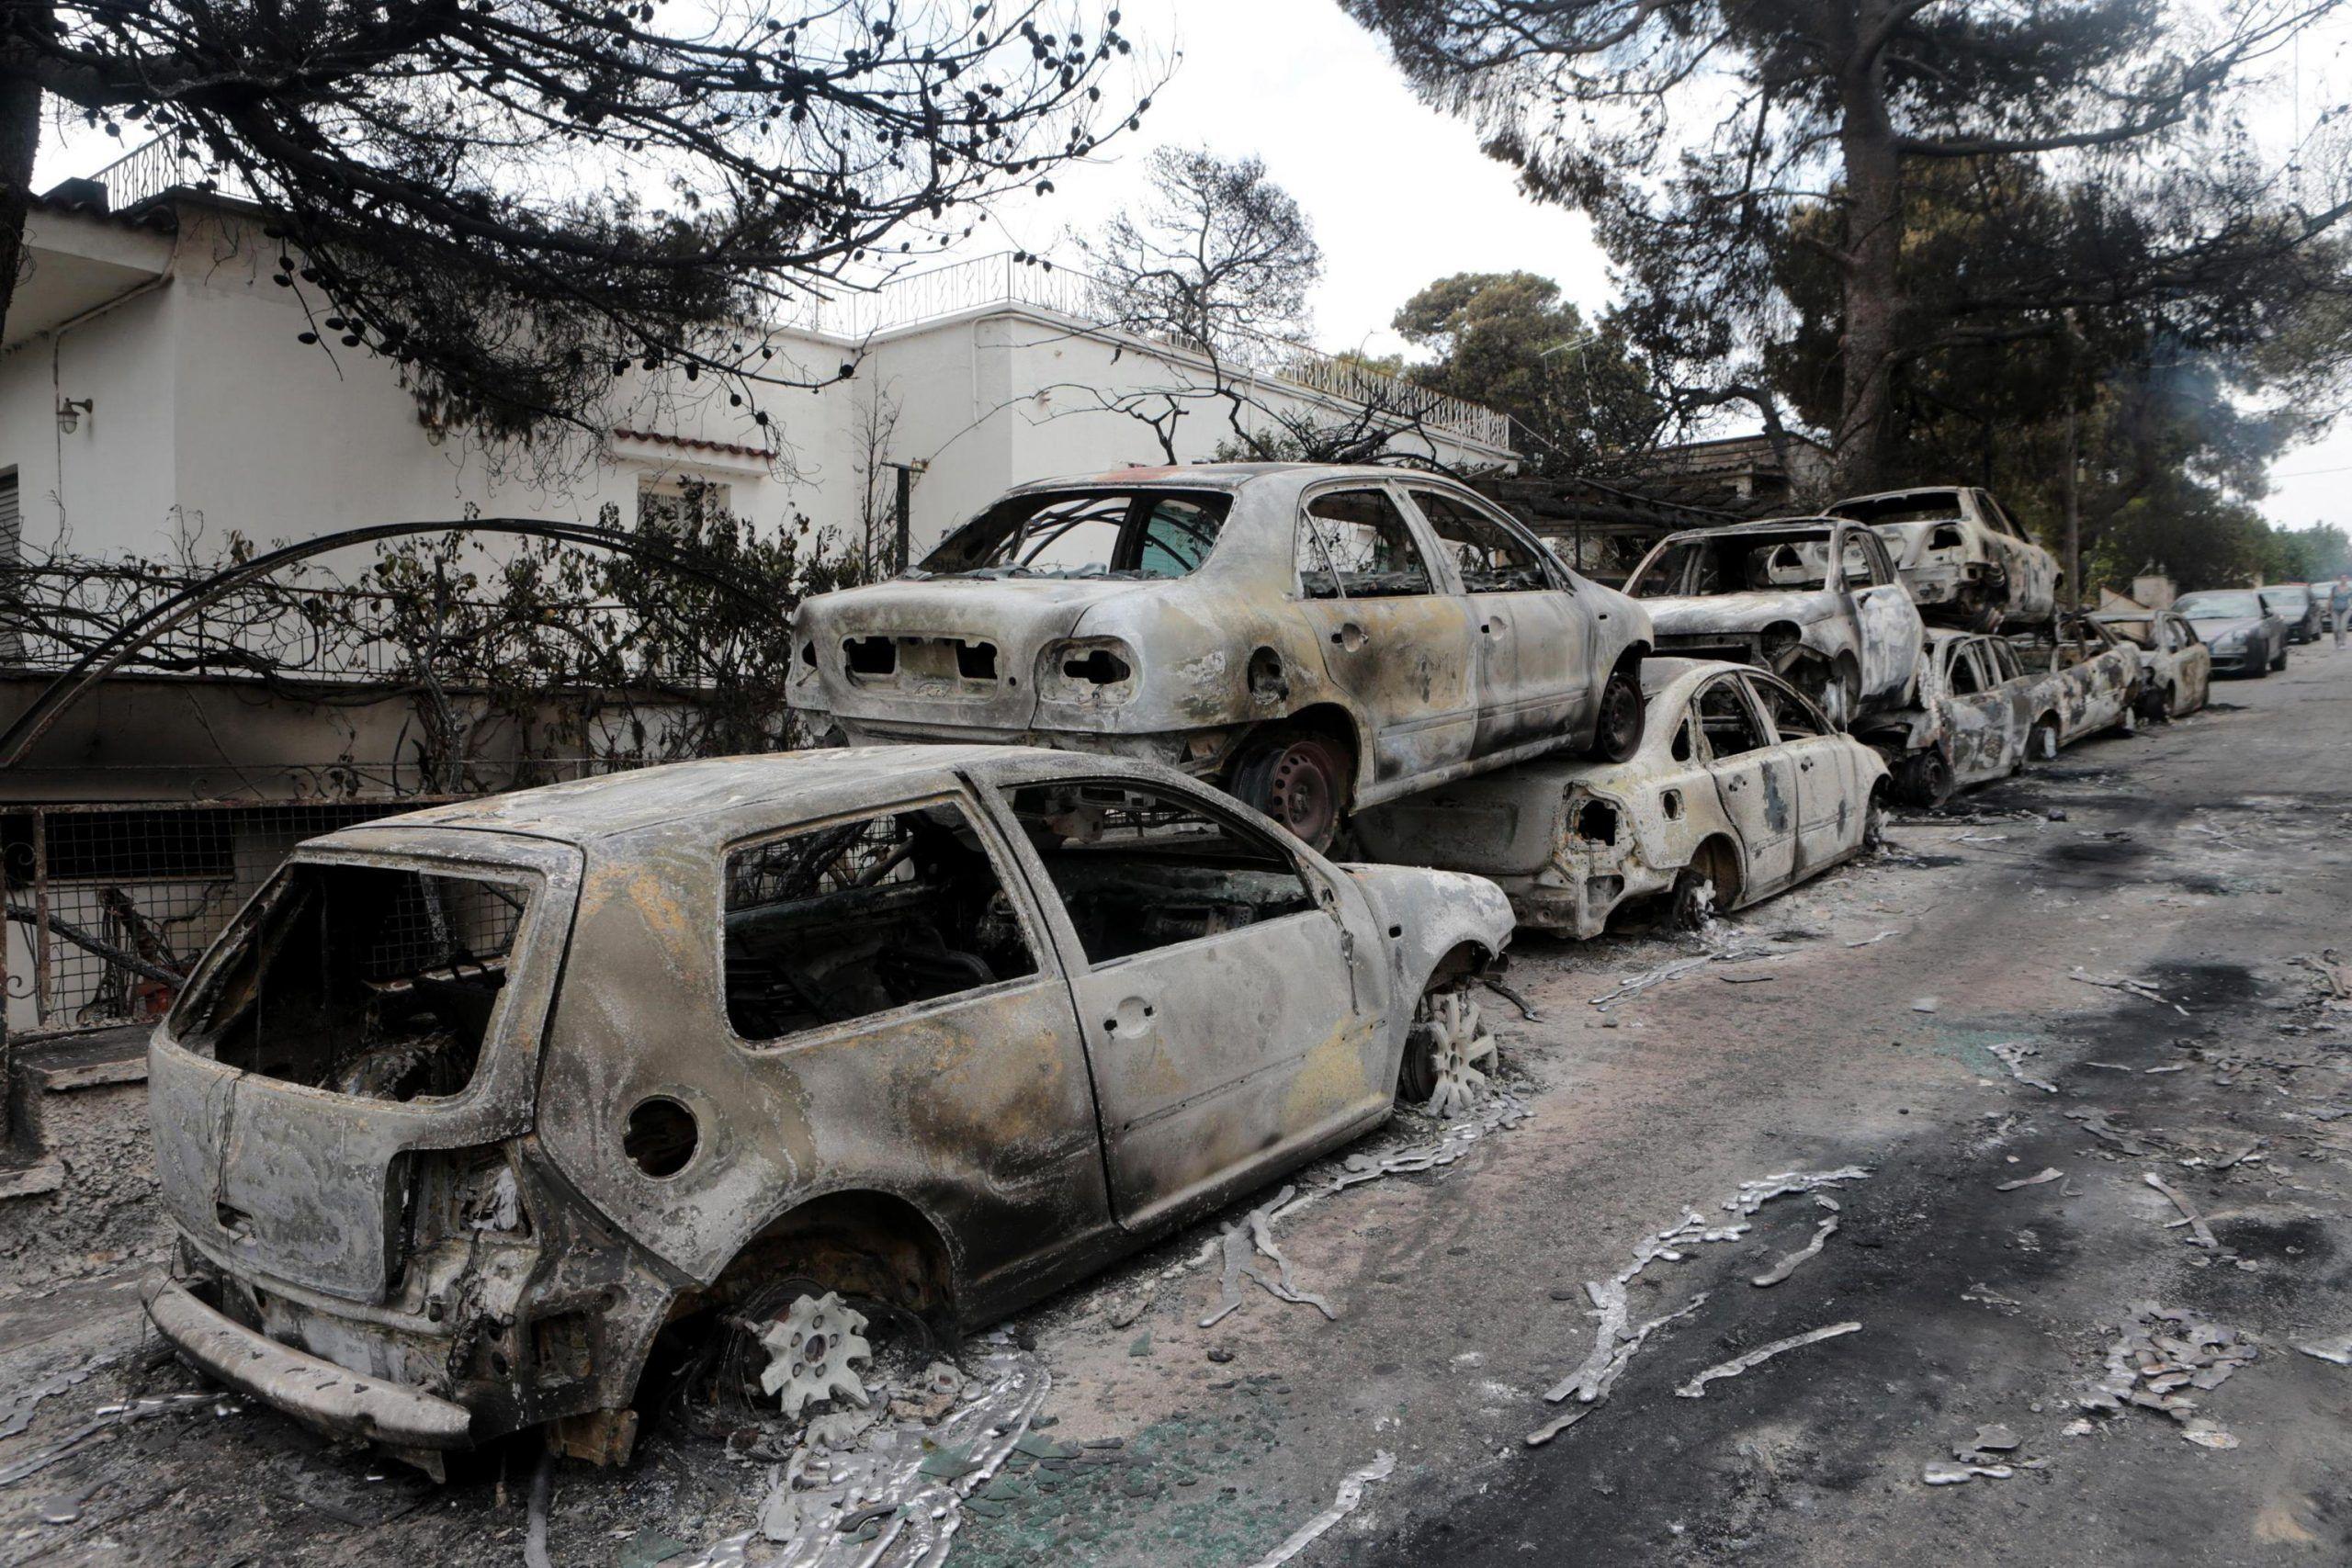 Incendio ad Atene la lettera commovente di una madre che ha perso marito e figli